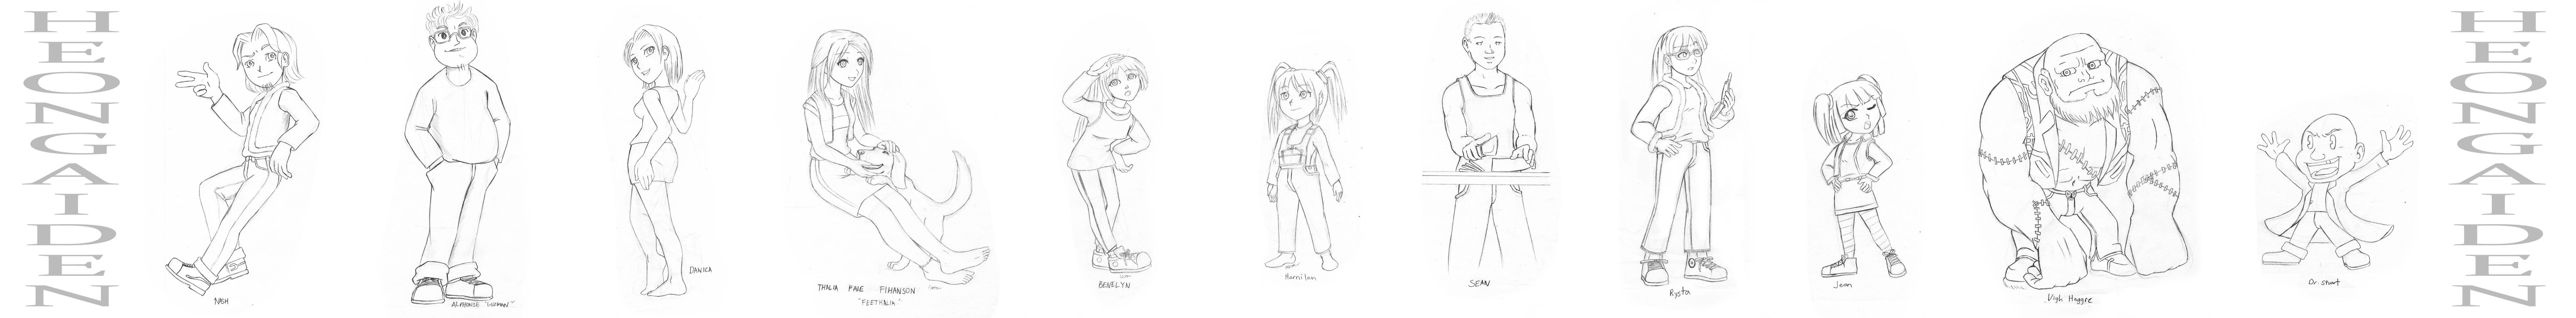 Random Cartoon Characters I by HeonGaiden